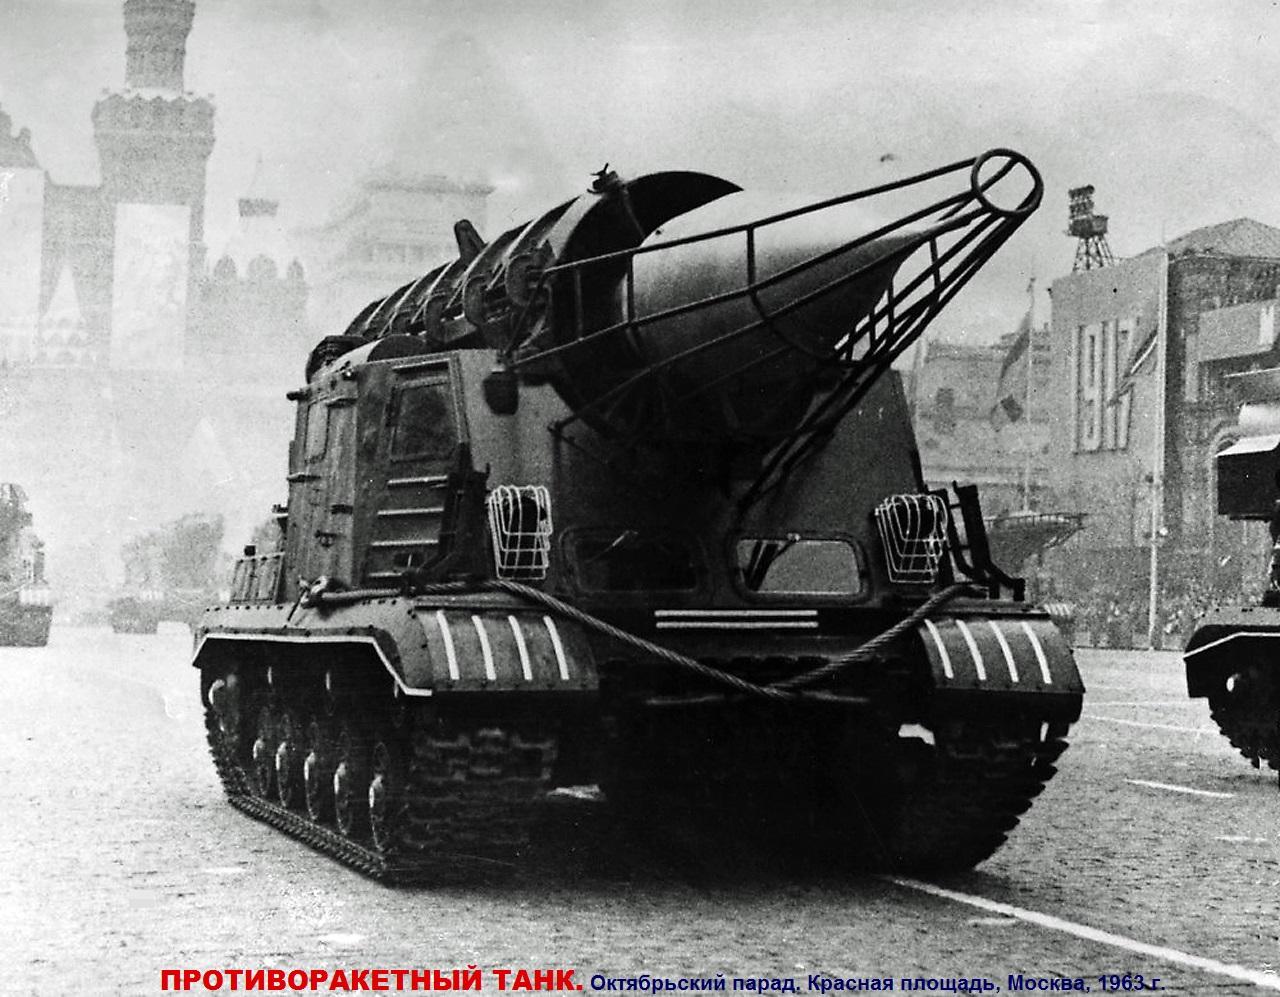 Противоракетный танк, Октябрьский парад 1963, Москва, Красная площадь,